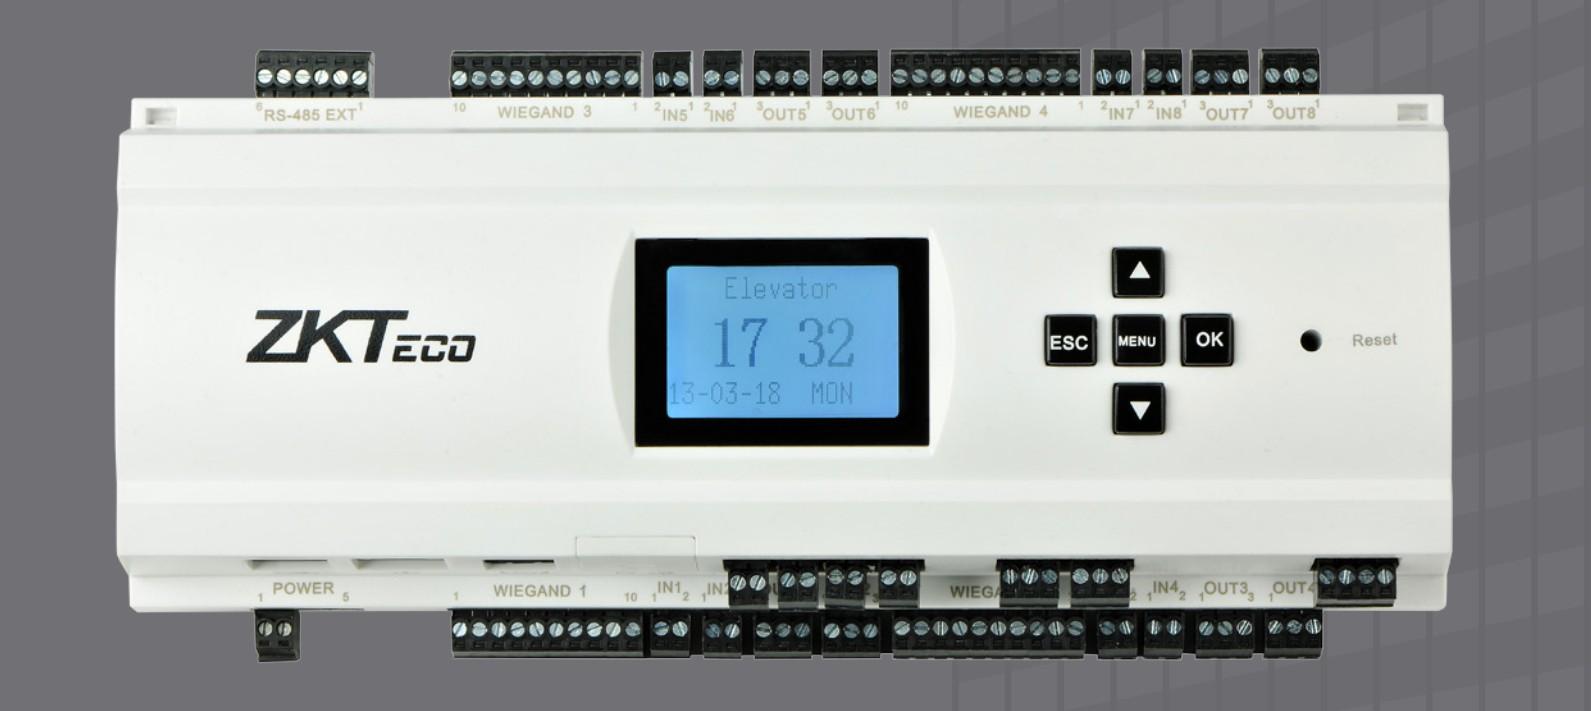 ZK EC10 Elevator Controller